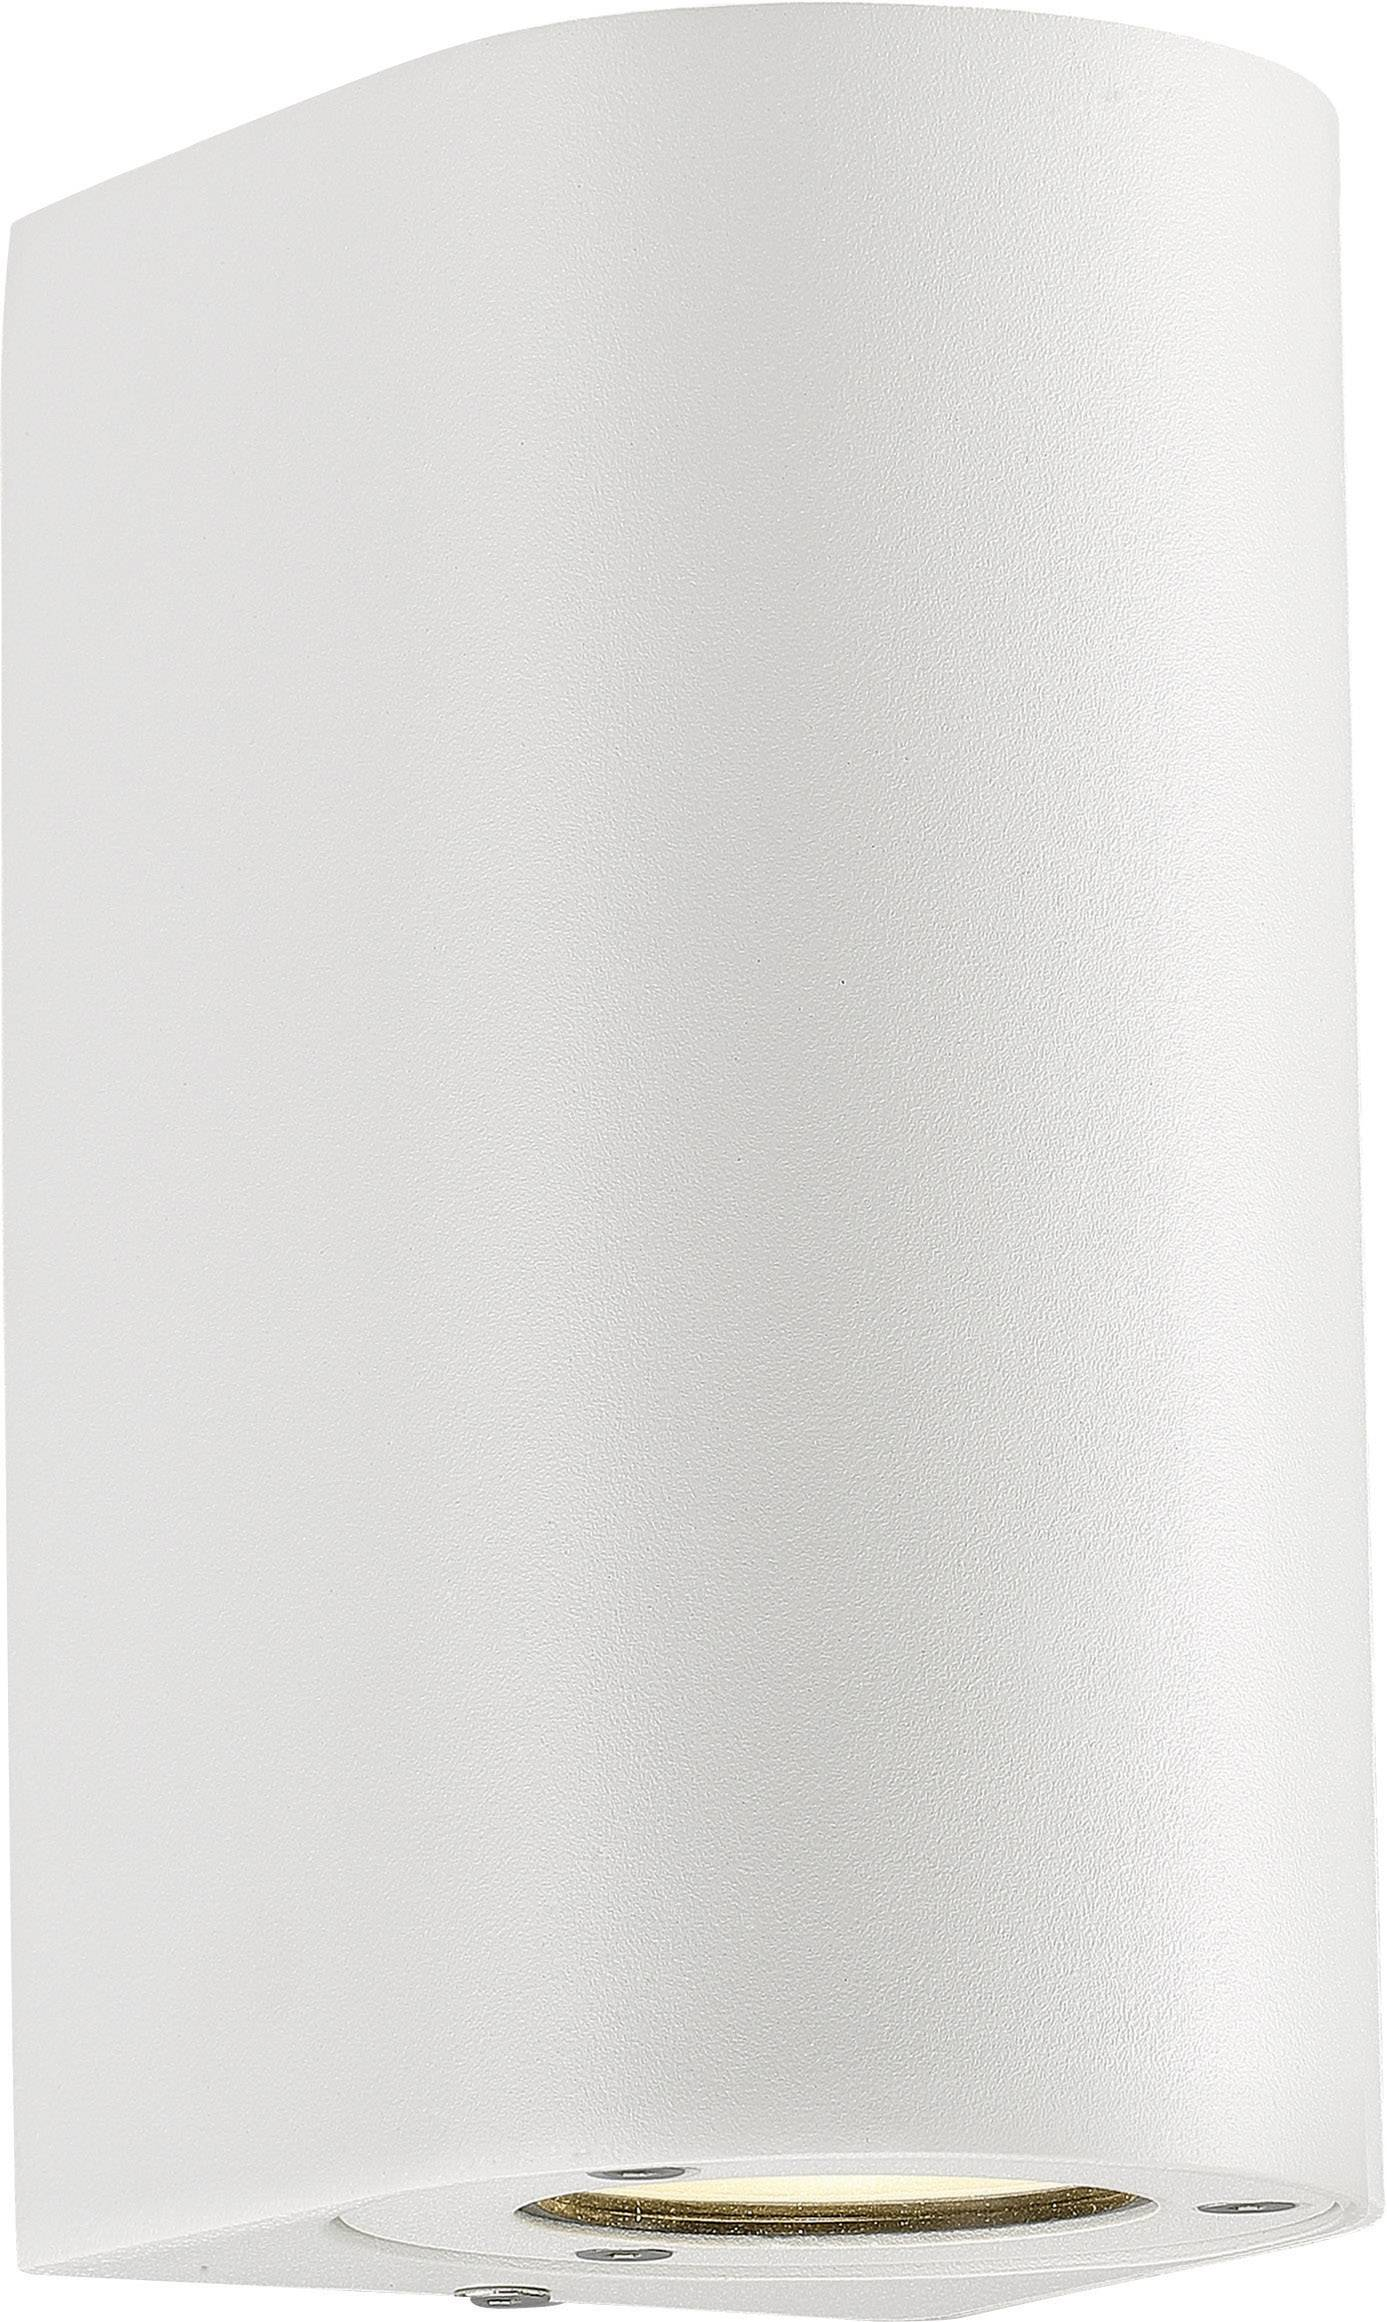 Vonkajšieosvetlenie Nordlux Canto Maxi 77561001, GU10, 70 W, hliník, biela